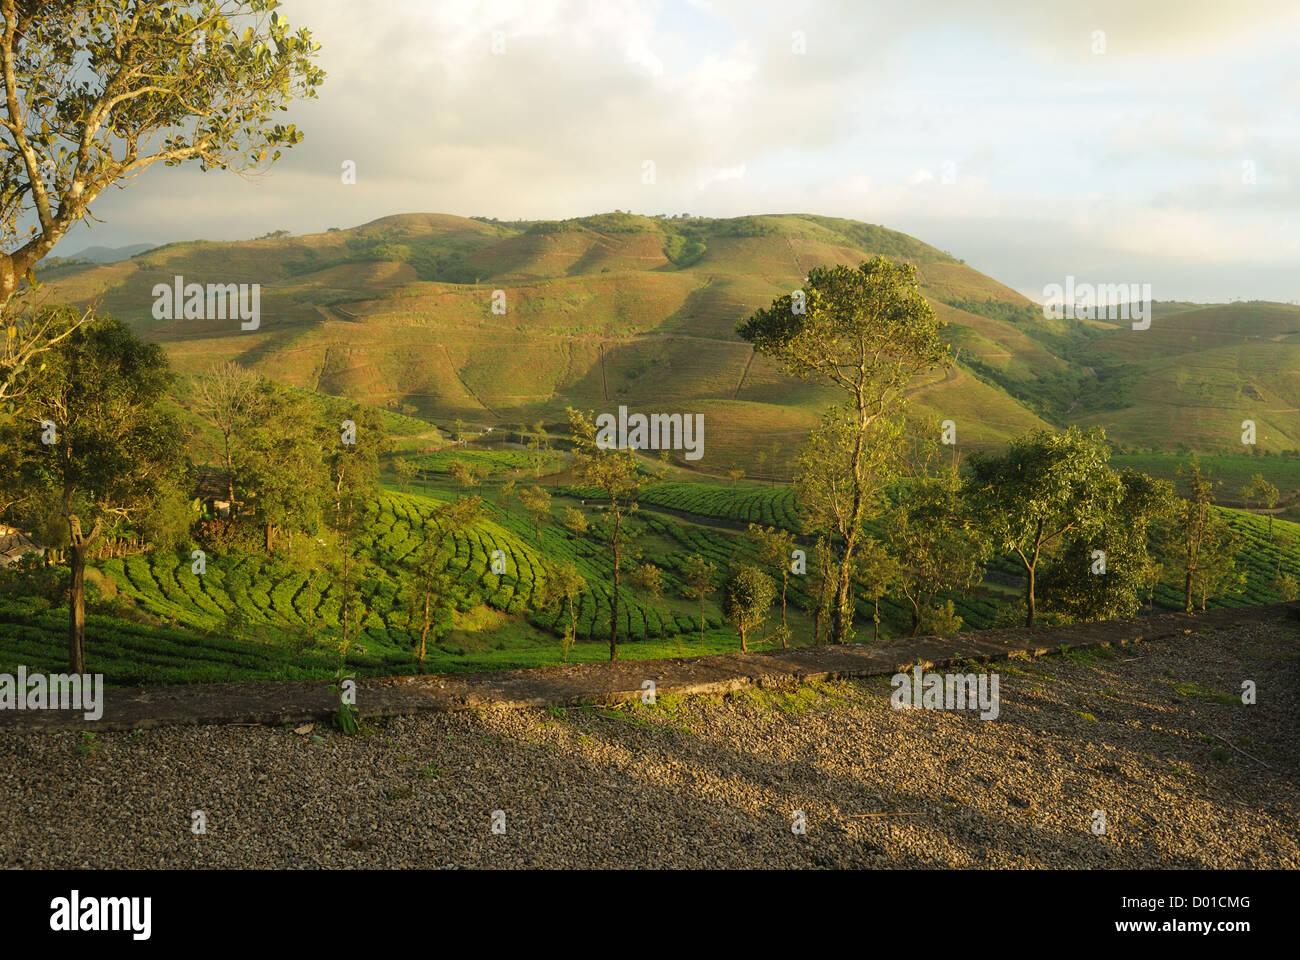 Plantación de té,hill,contour,vagamon. Imagen De Stock